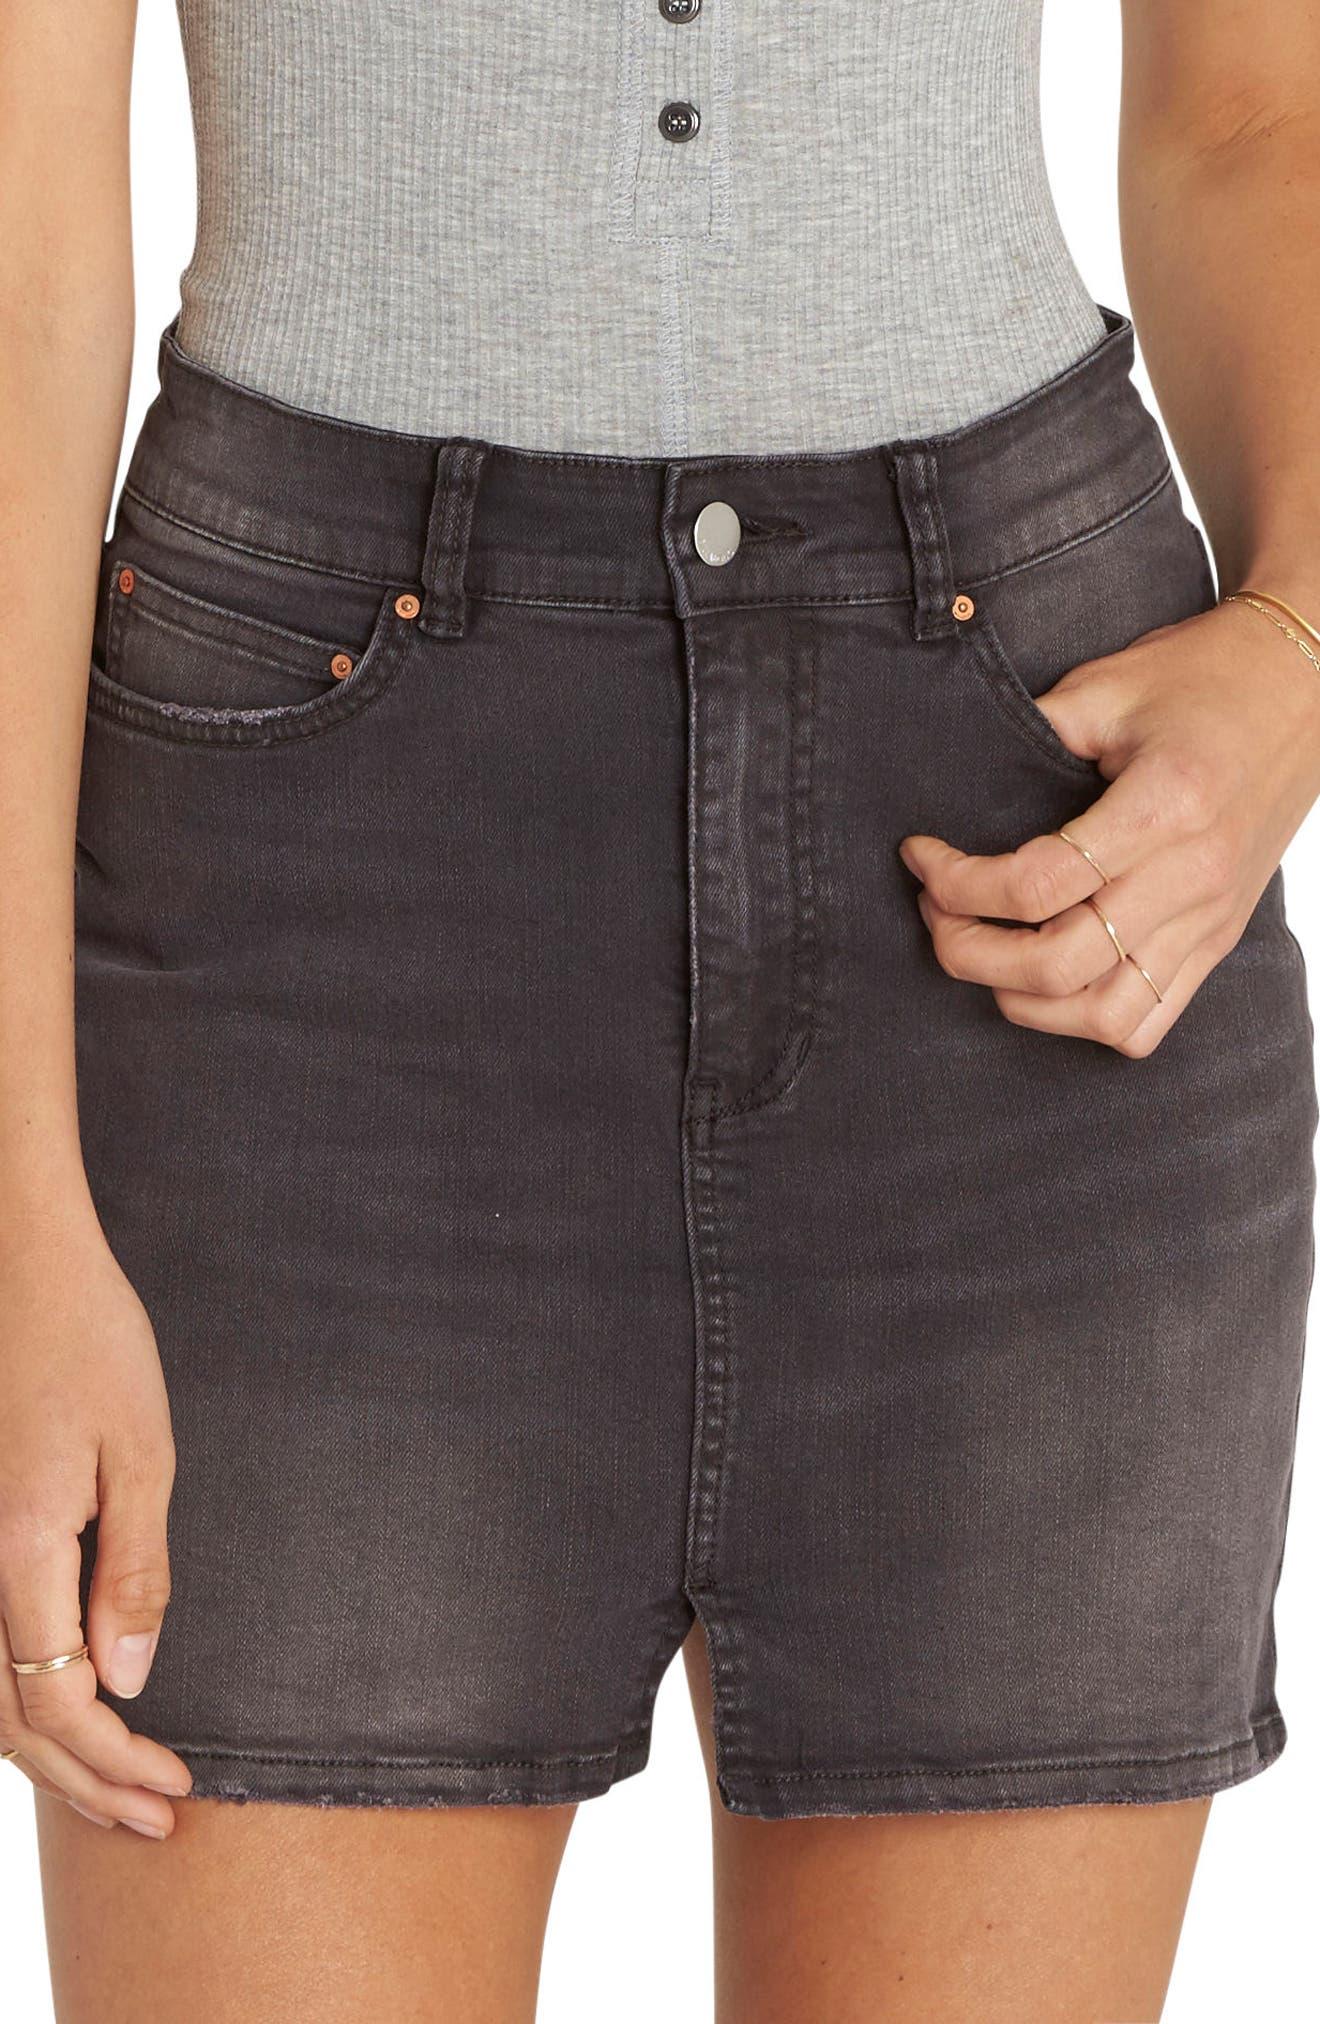 Alternate Image 1 Selected - Billabong Black Magic Denim Skirt (Black Pebble)